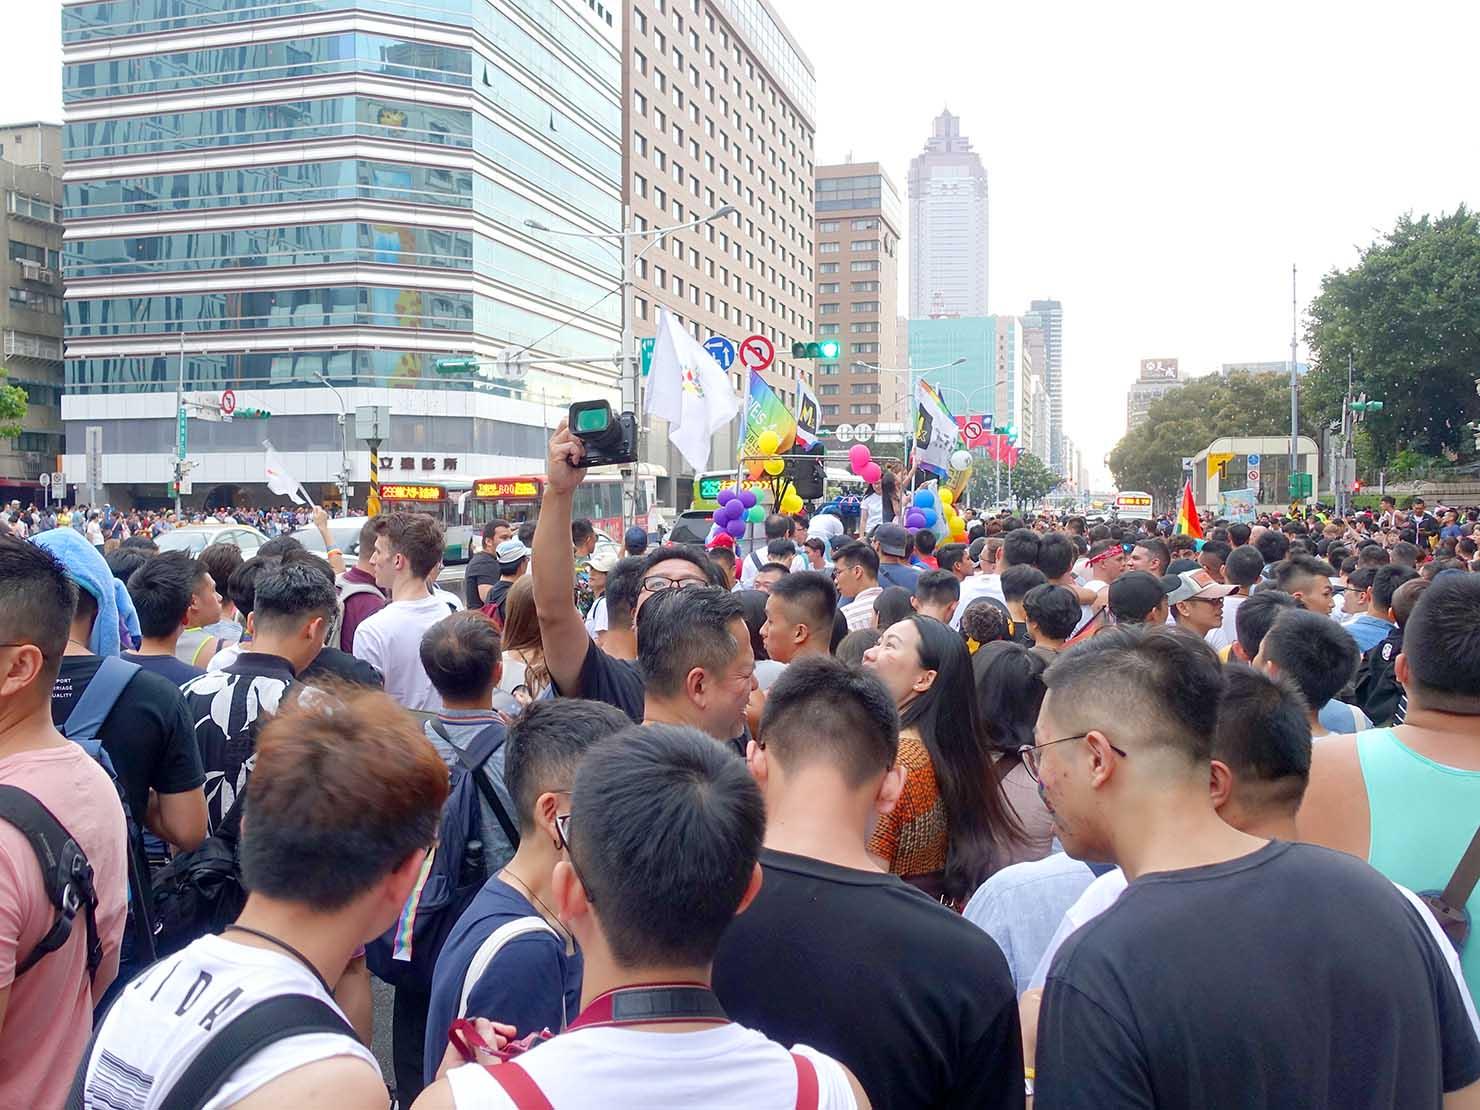 台灣同志遊行(台湾LGBTプライド)2019で善導寺駅前に差し掛かるパレード隊列